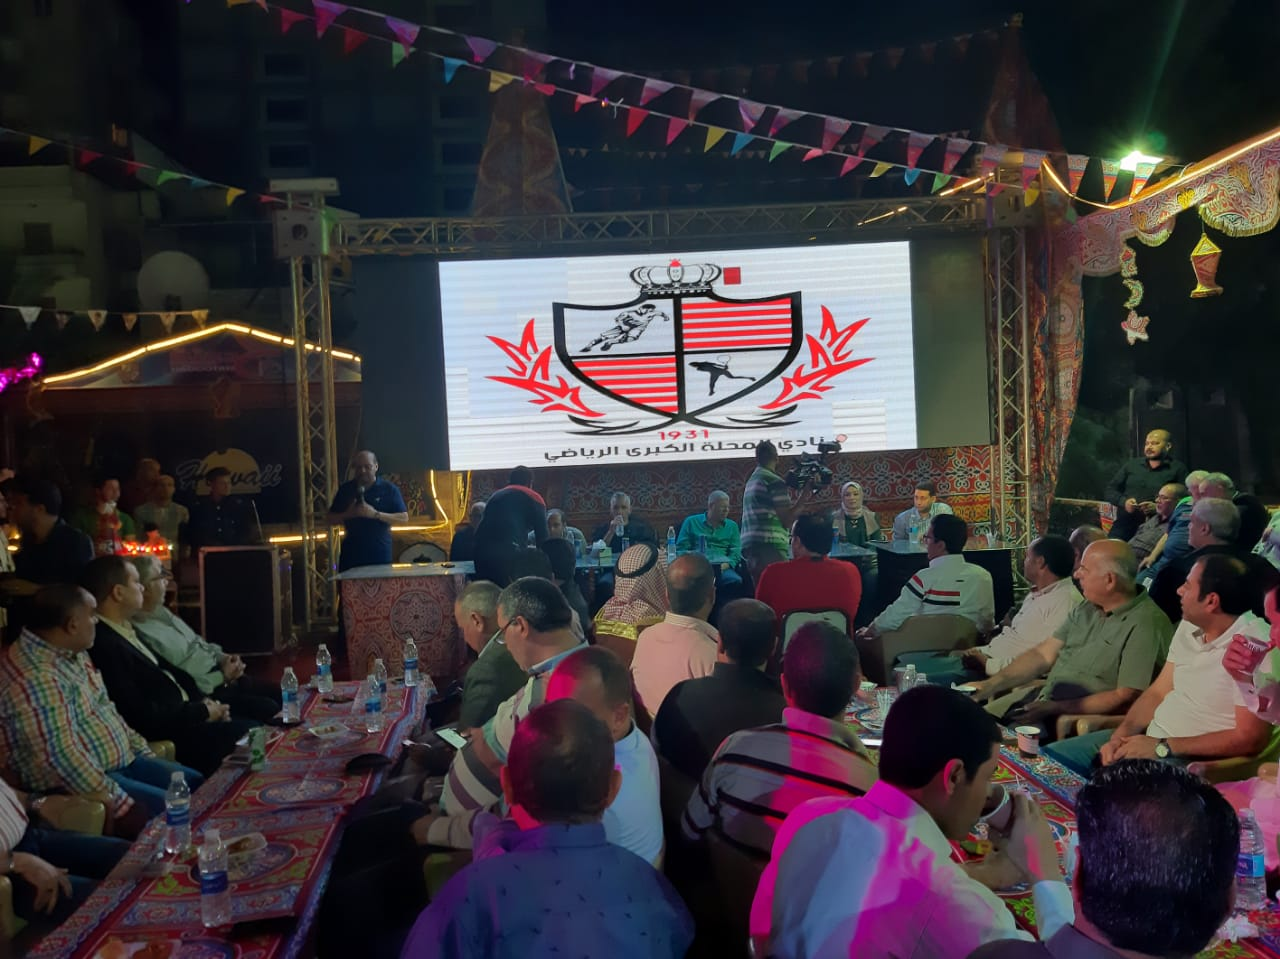 مجلس الجبلاية واعضاء الجمعية العمومية في افطار الشامي بالمحلة (3)